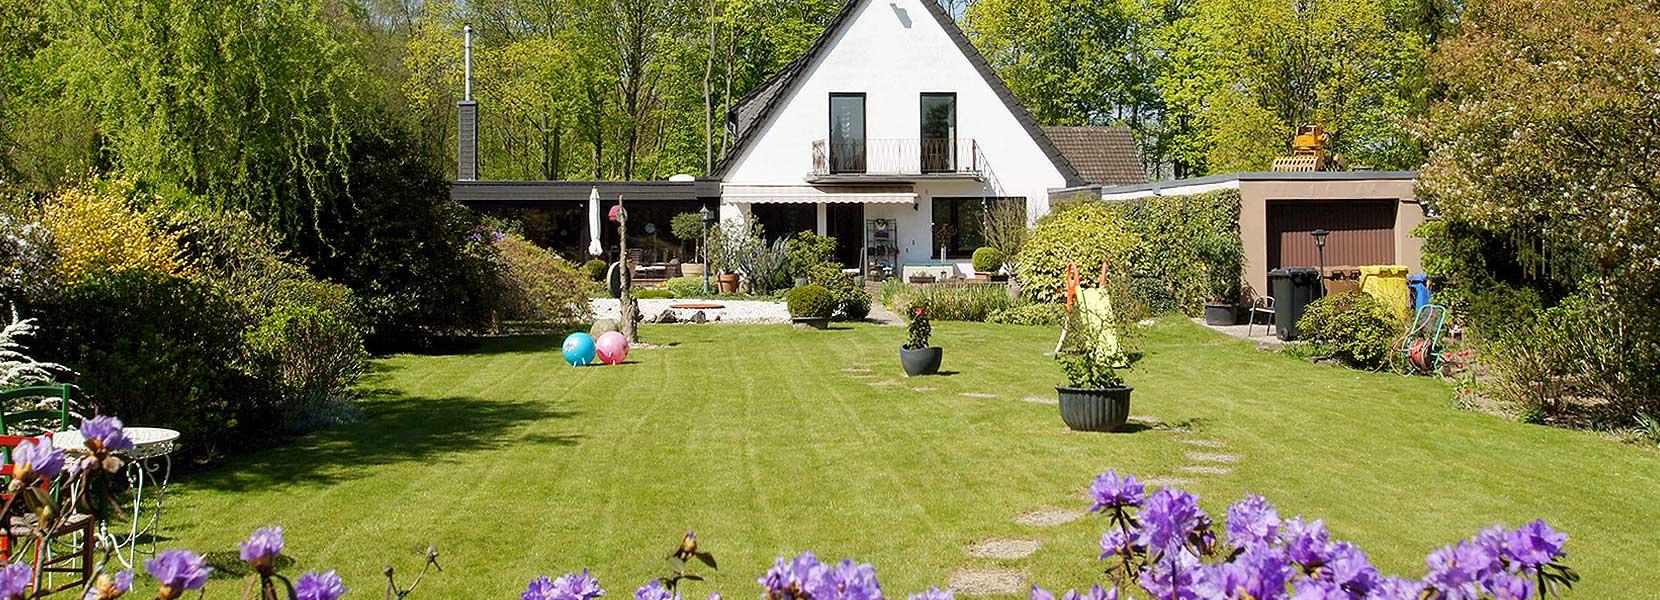 Wohnung kaufen eigentumswohnung rhein kreis neuss for Eigentumswohnung mieten